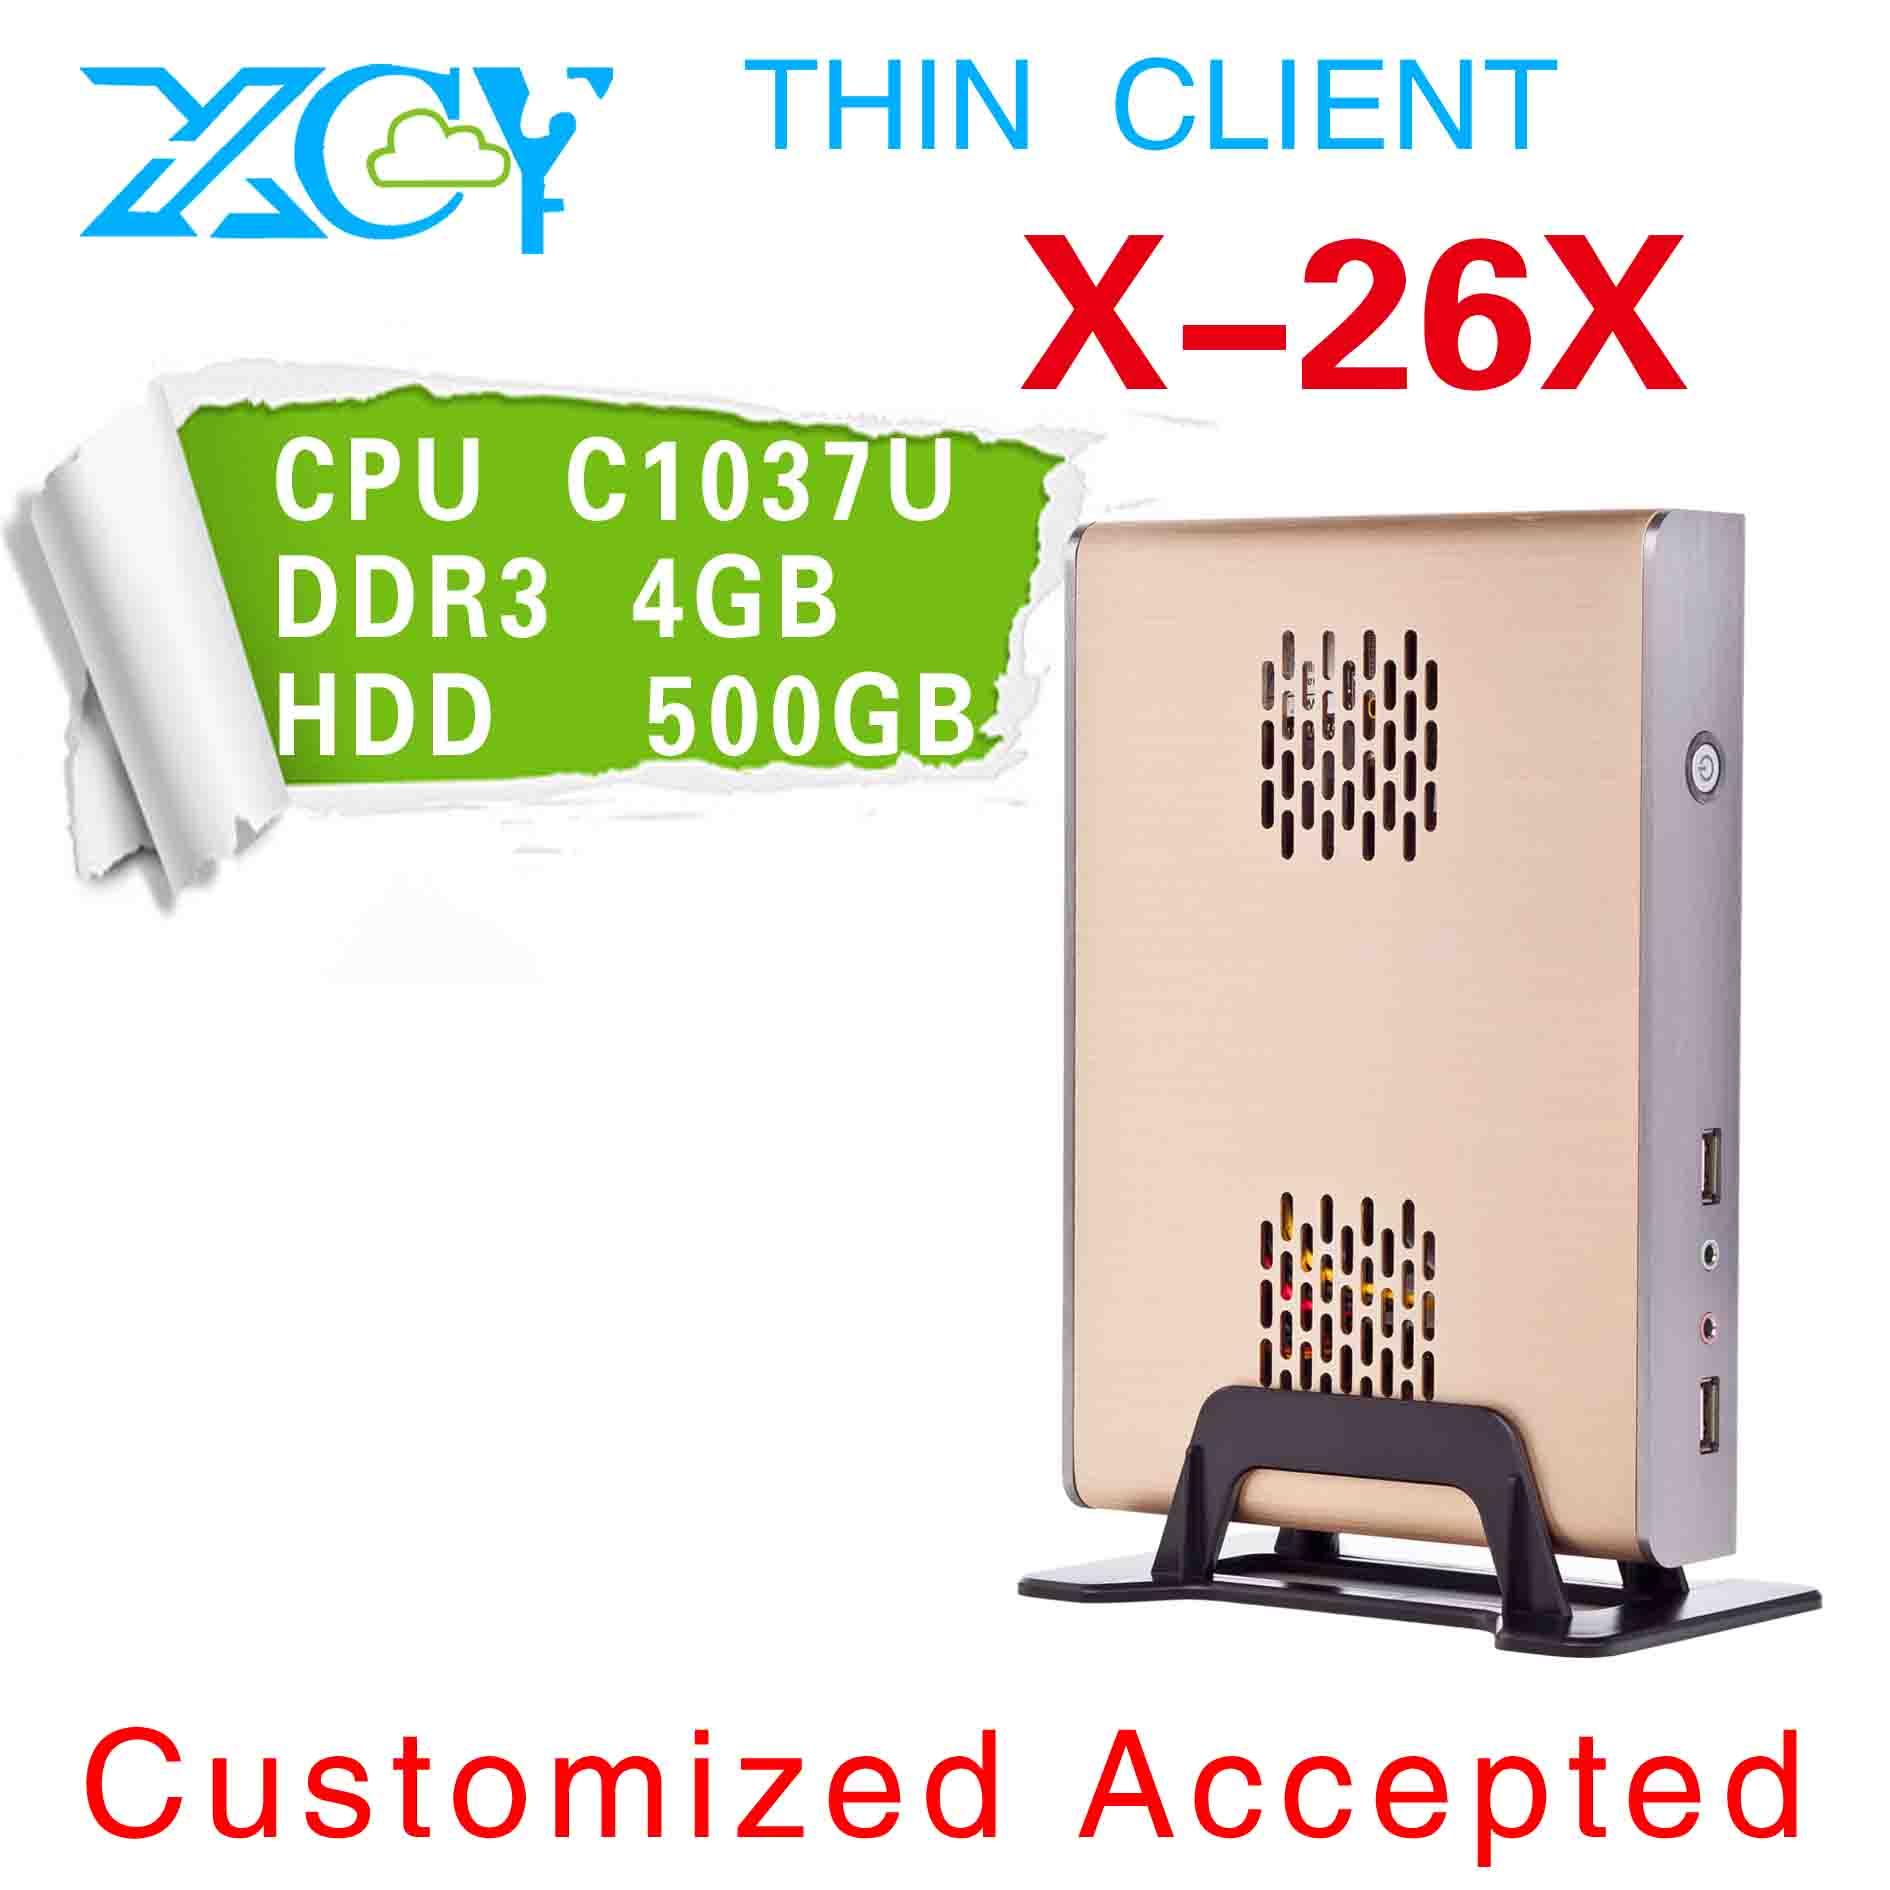 XCY X-26x slim mini itx case, htpc case mini itx case, Mini computer host, support wifi INTEL C1037U CPU(China (Mainland))